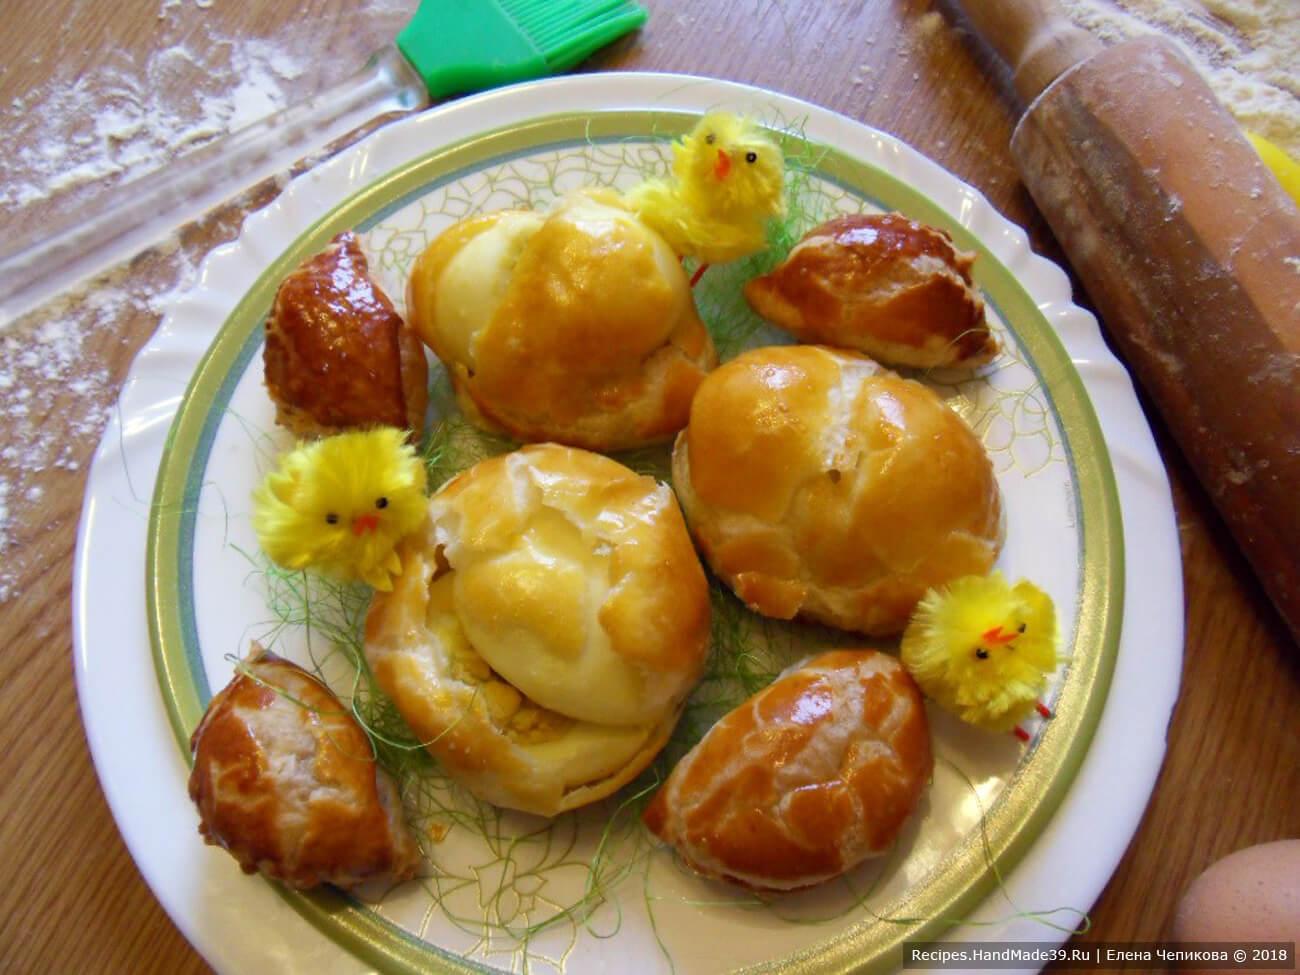 Подавать яйца охлаждёнными, можно с майонезом